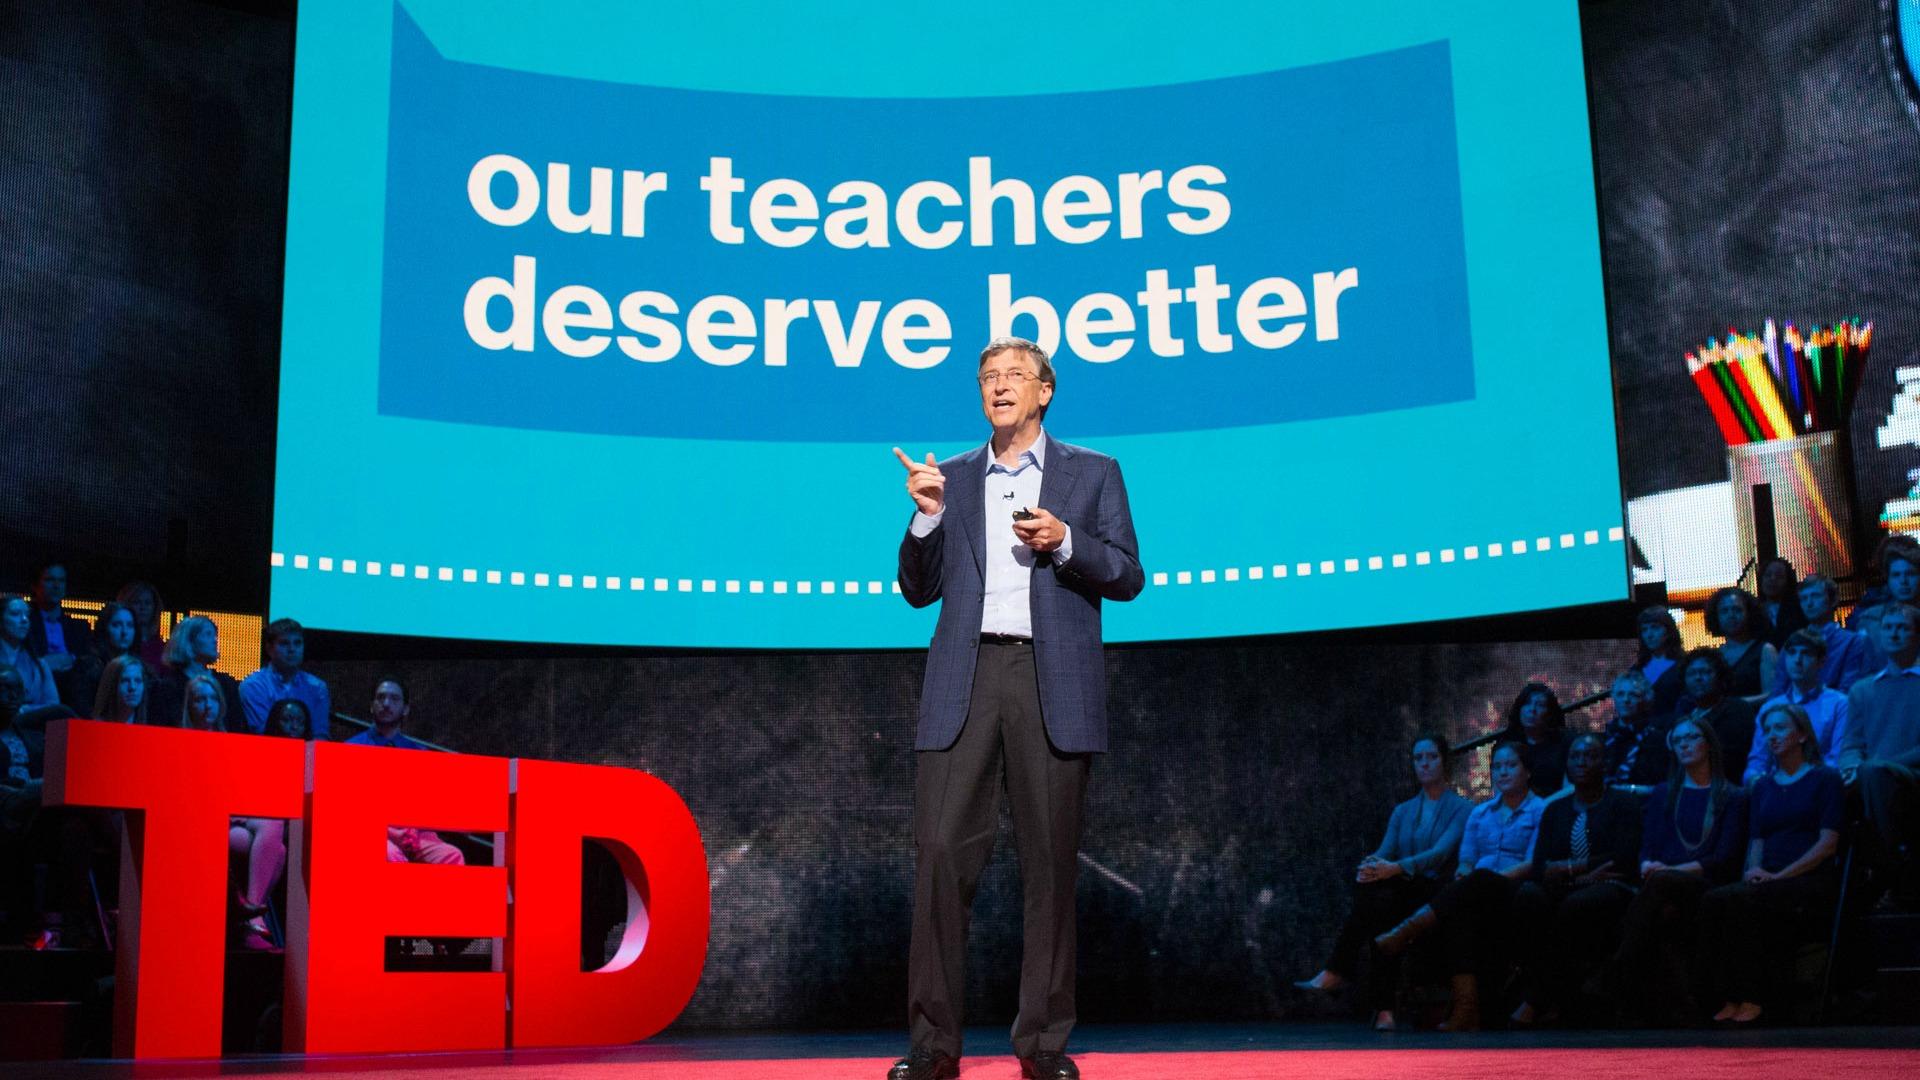 بیل گیتس در سخنرانیهای تد